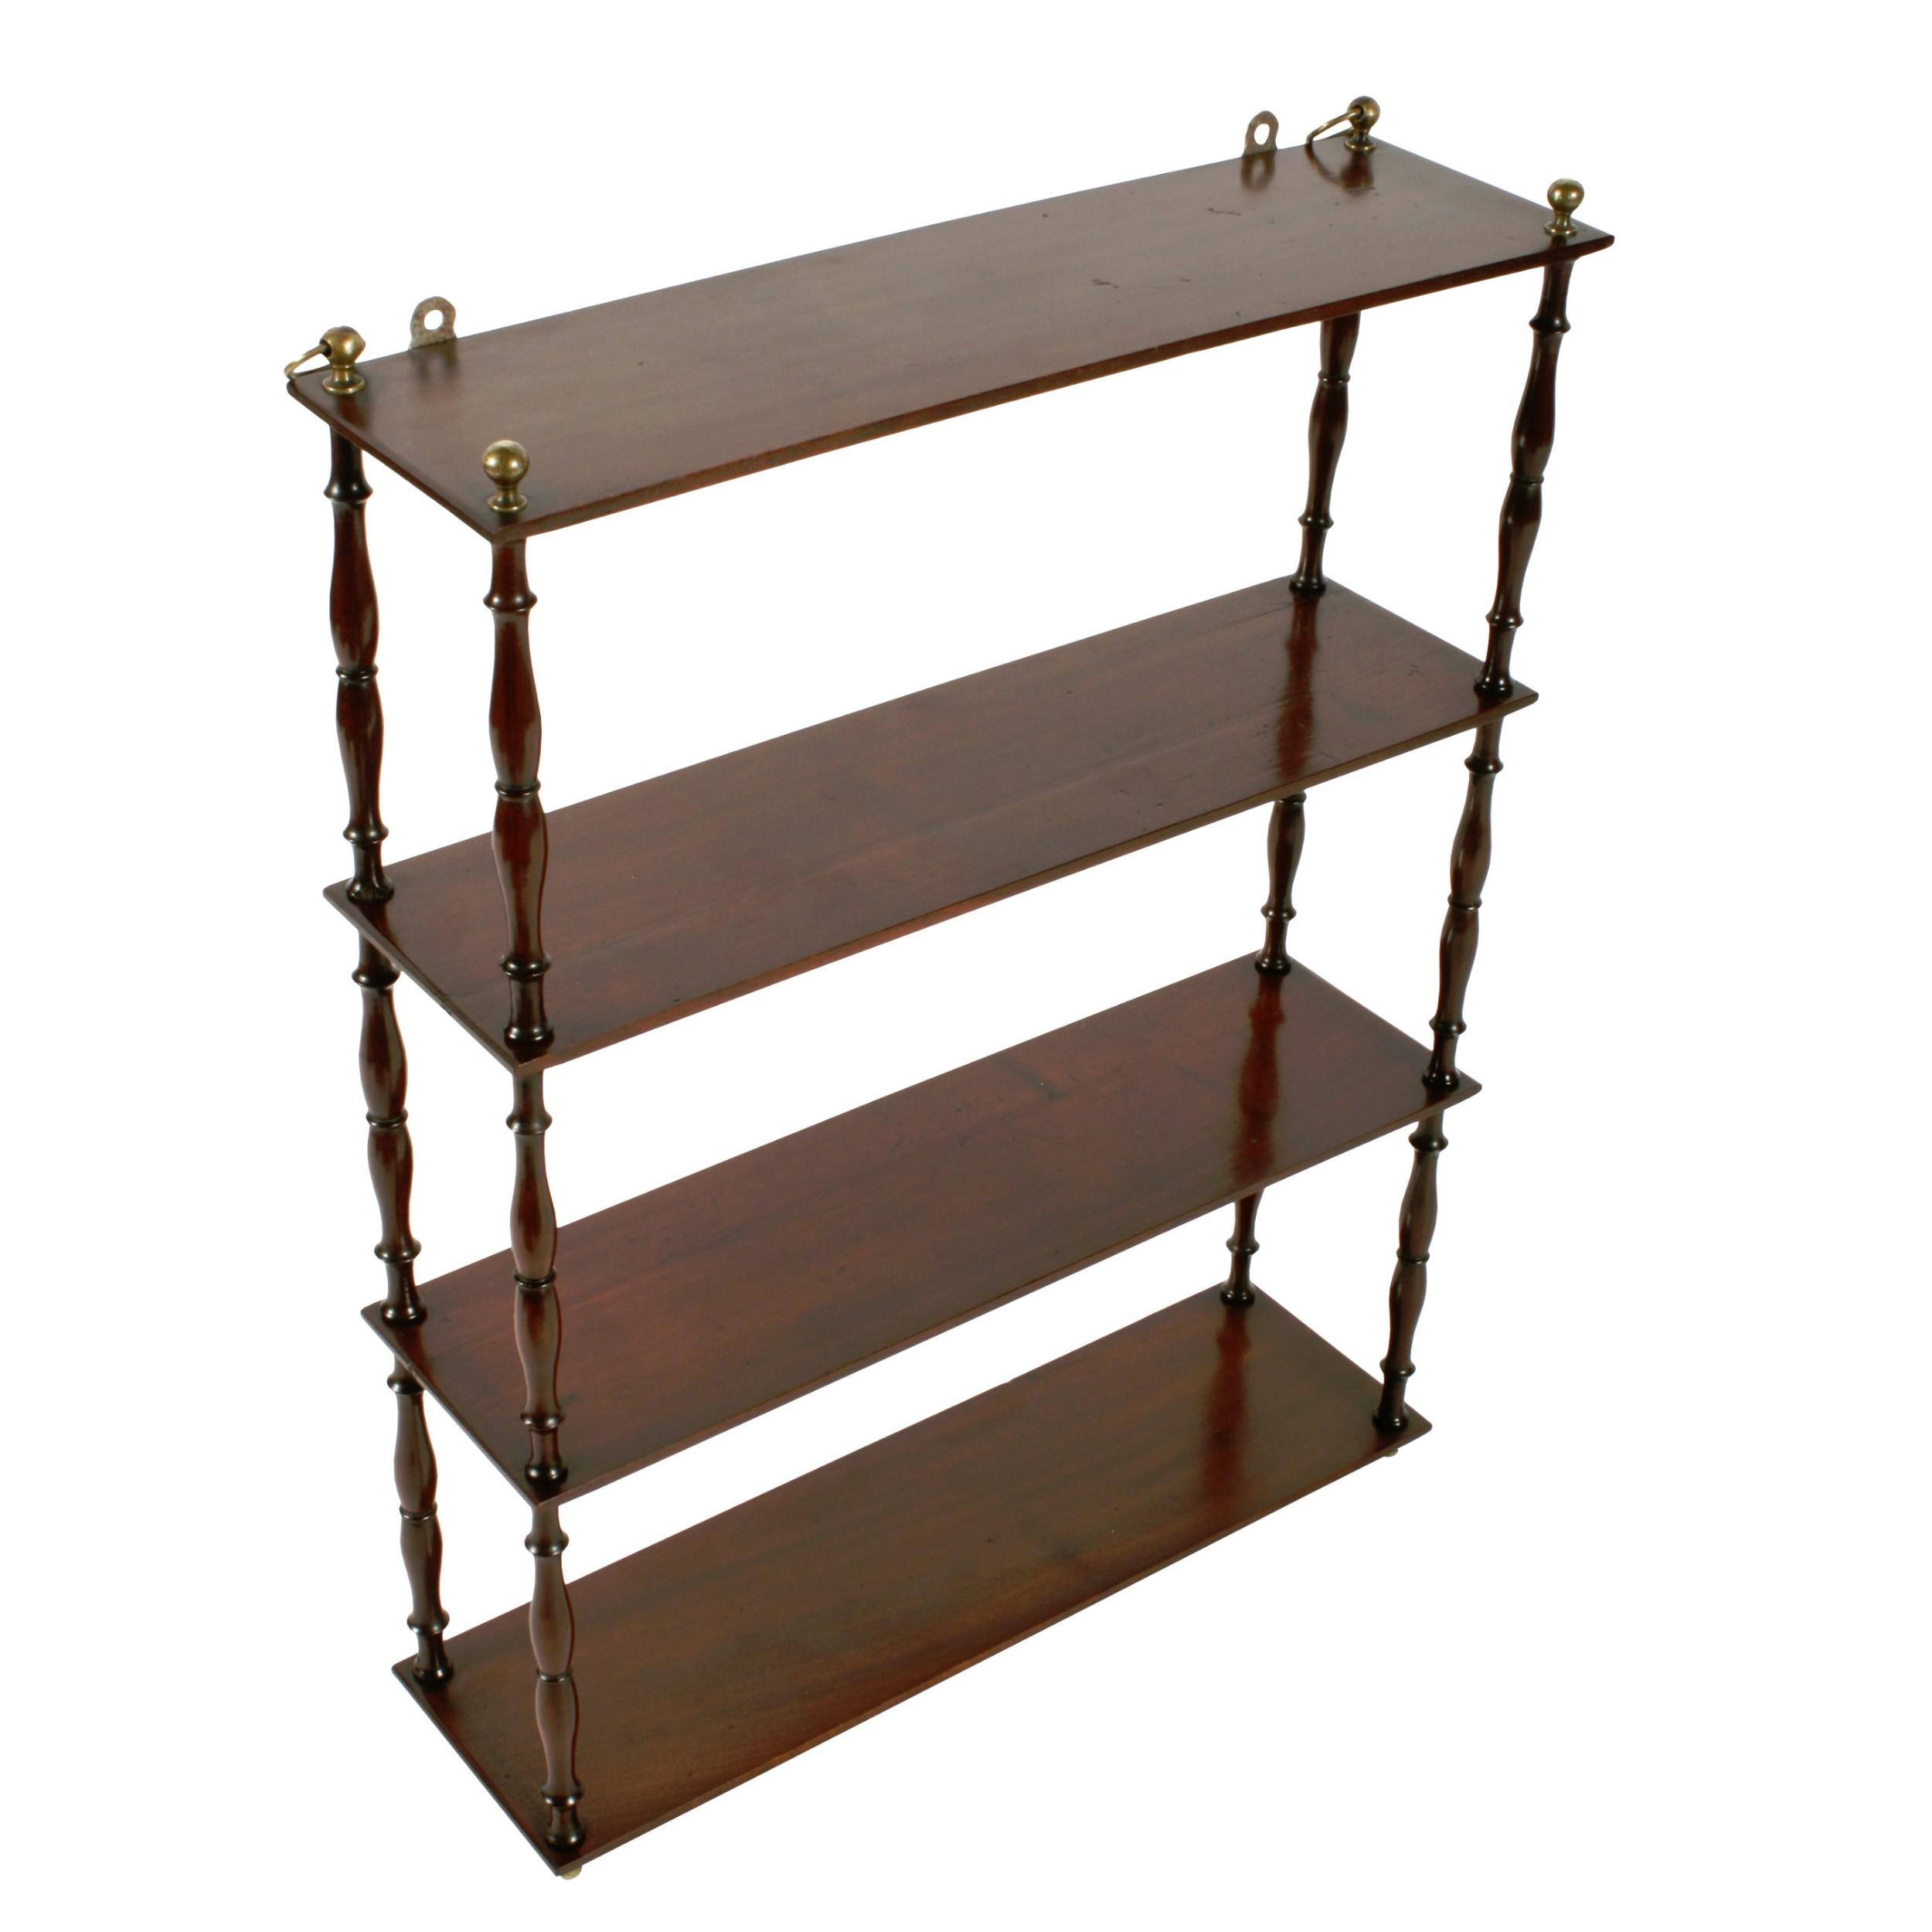 19thc mahogany wall shelves